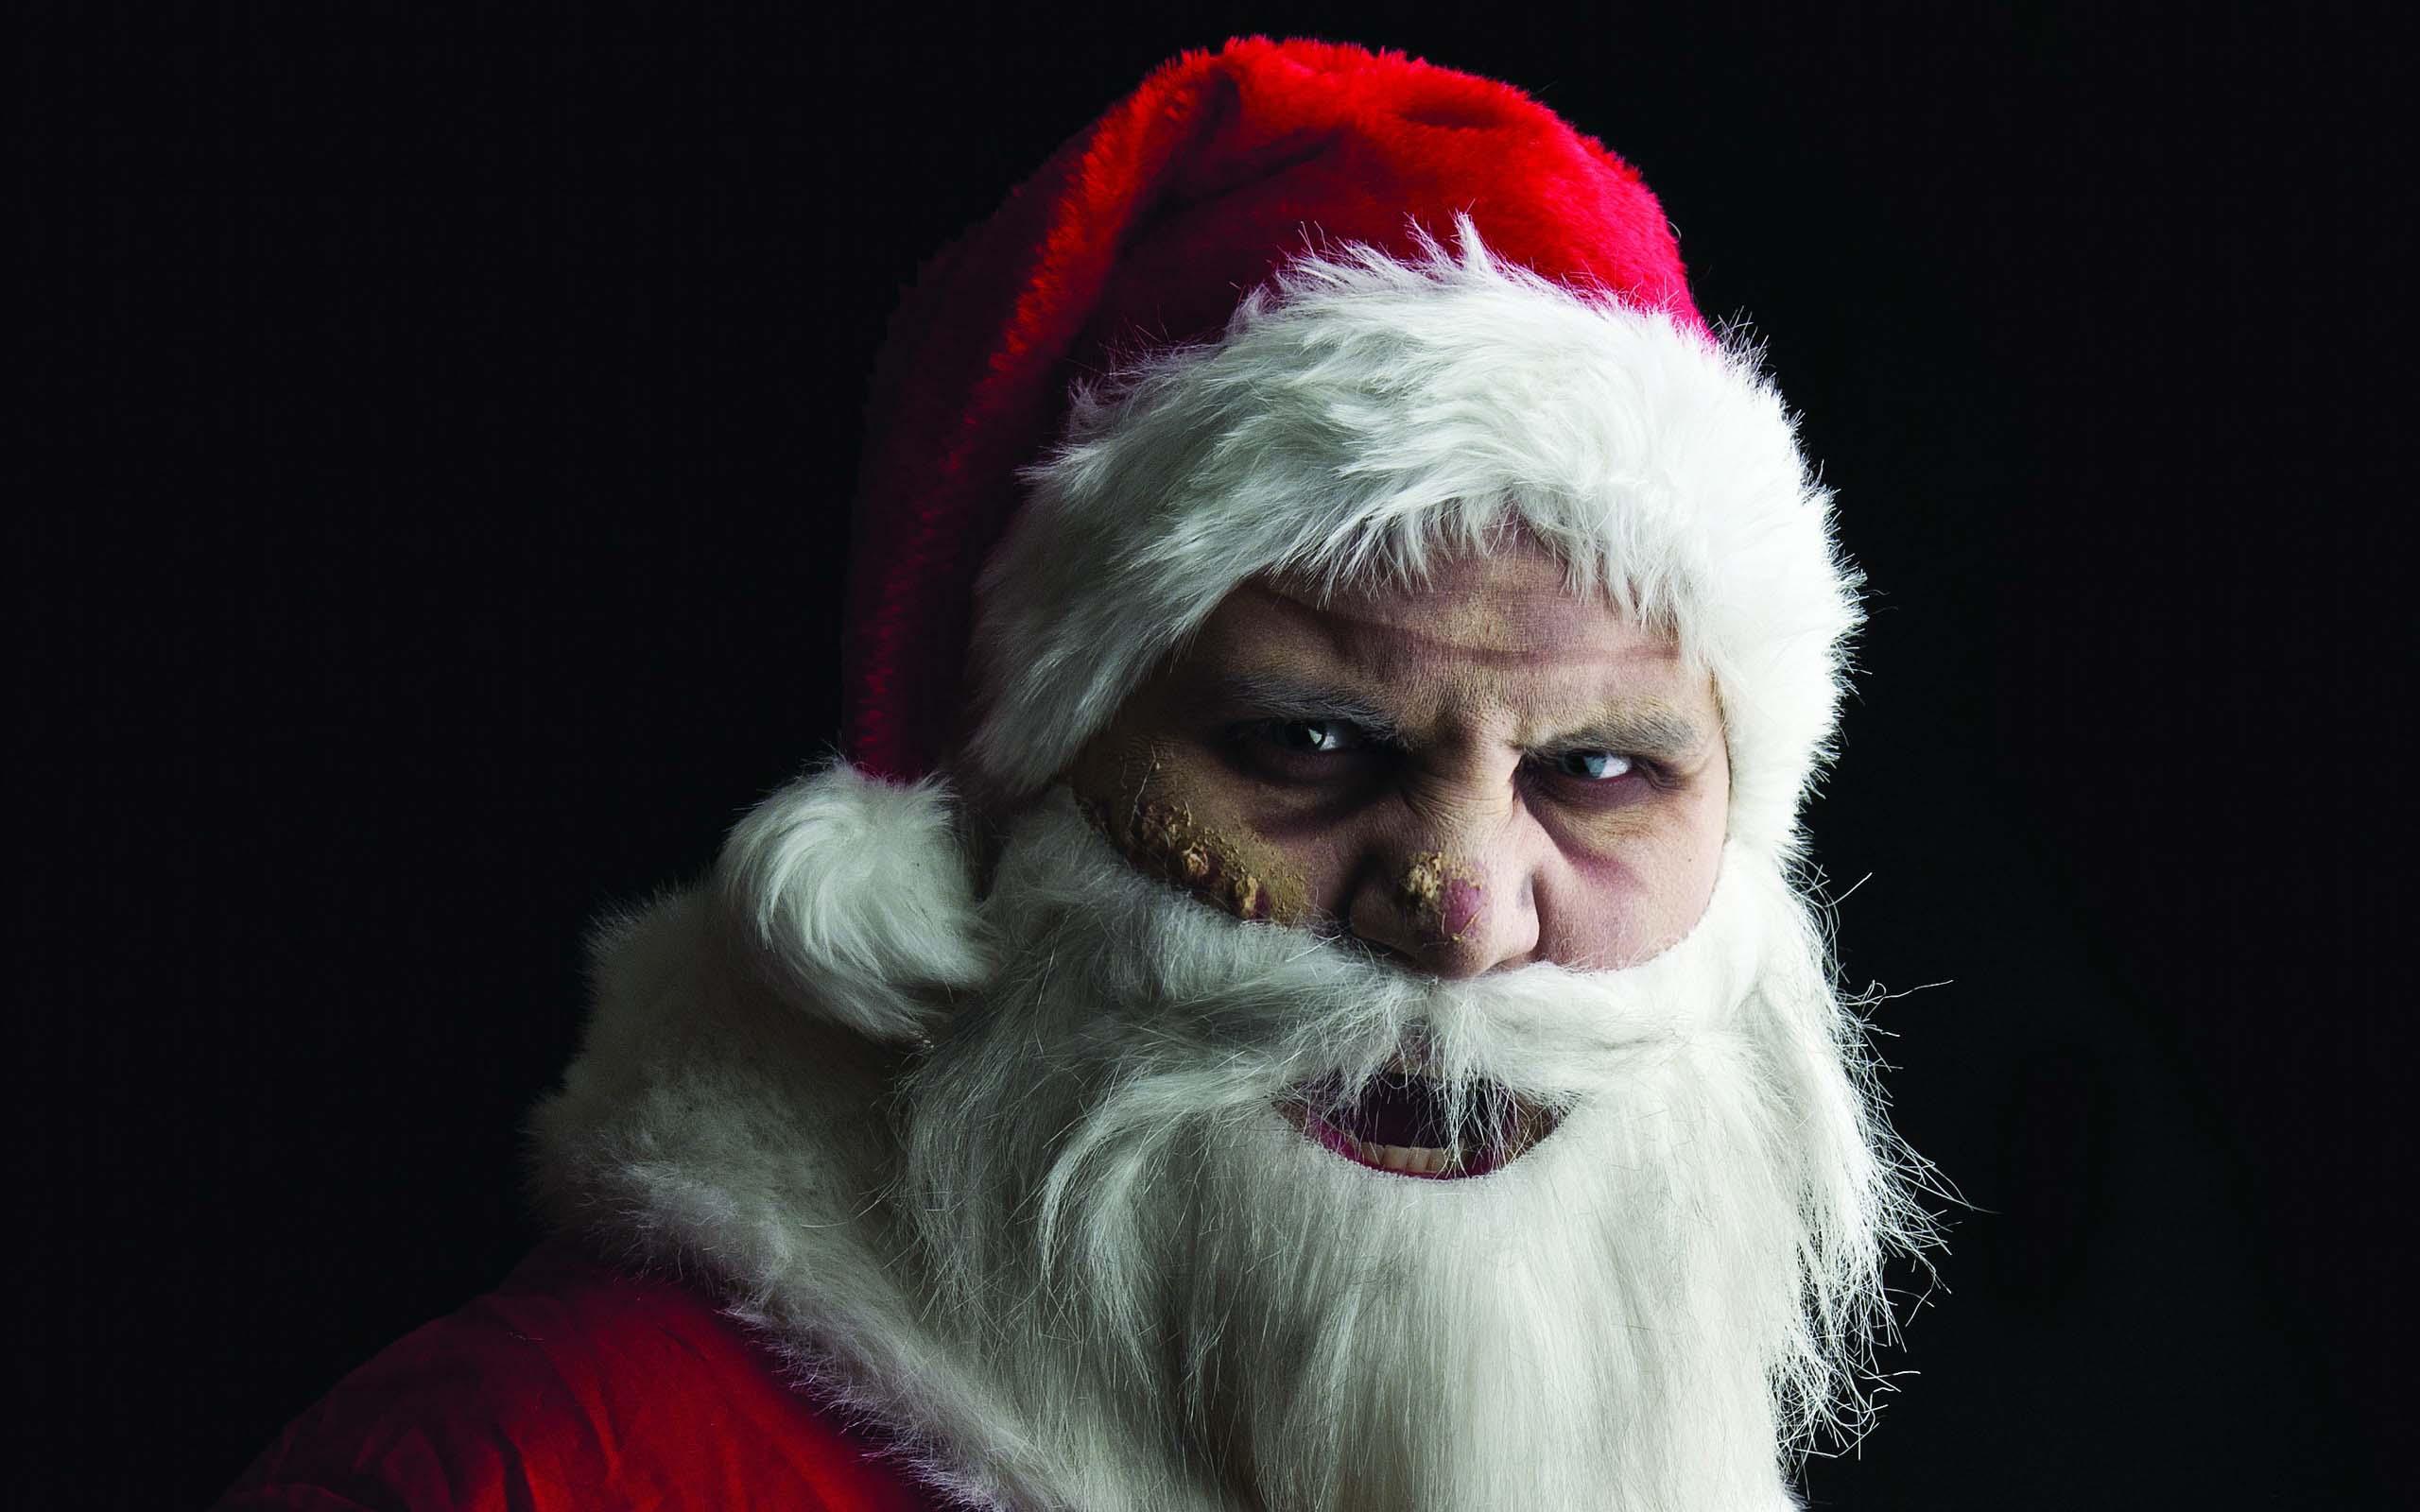 Новый год Злой Дед Мороз Картинки Обои рабочий стол: http://fon1.ru/load/82-1-0-13992